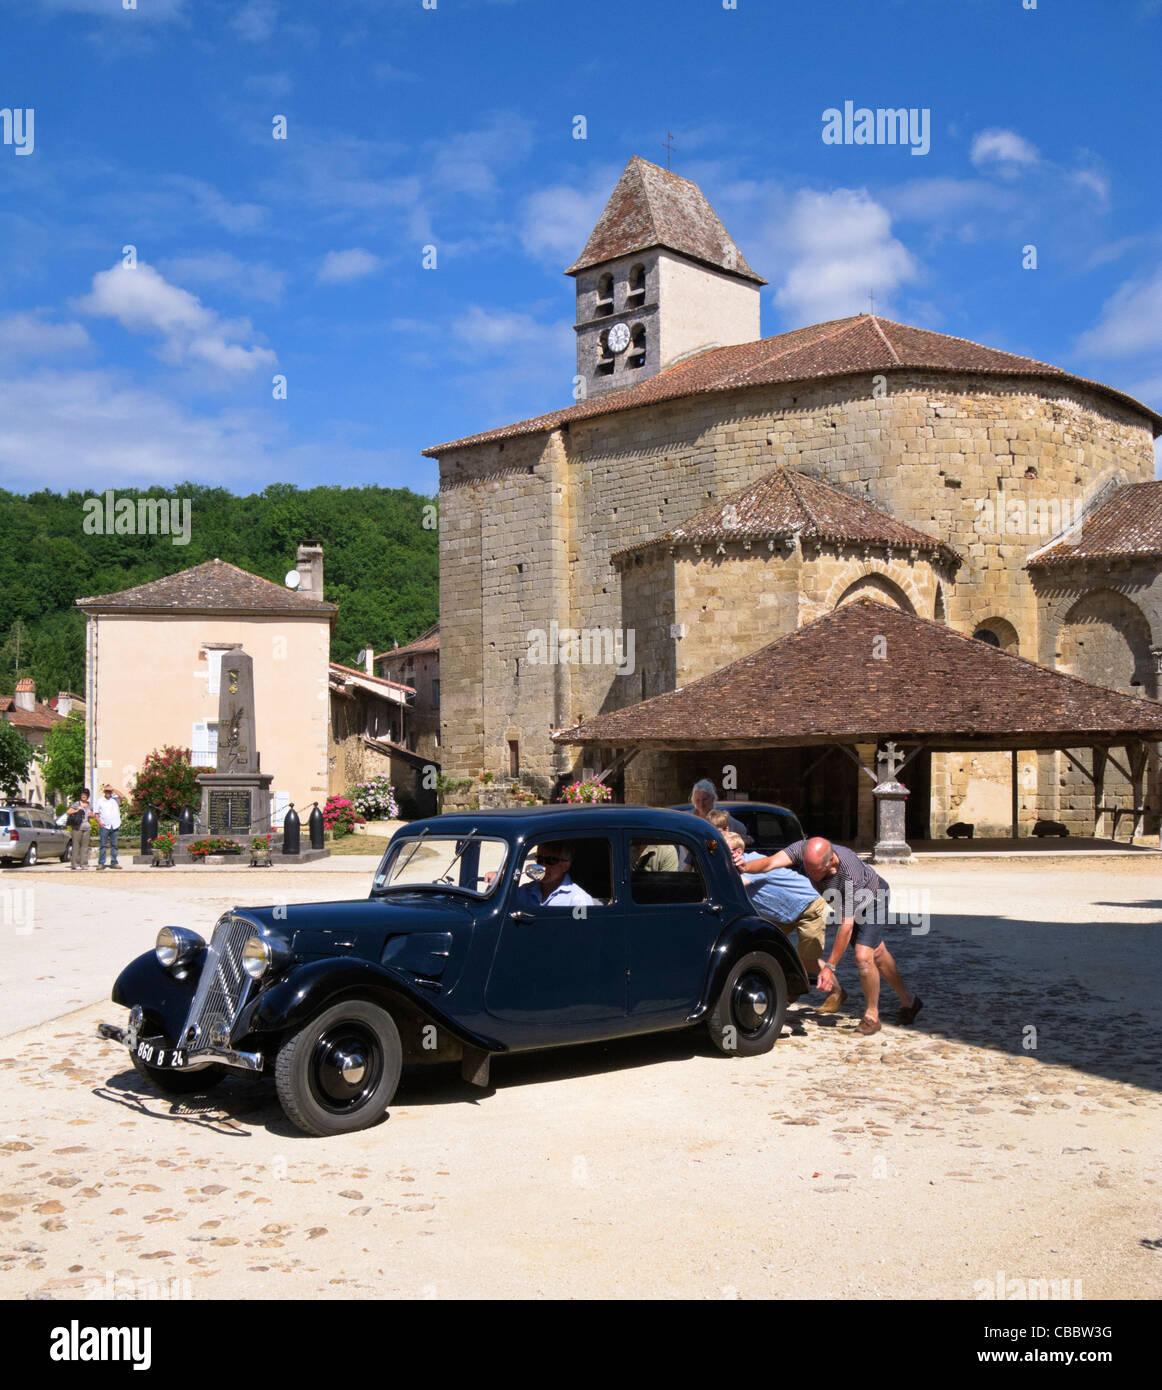 Leute, die einen Oldtimer Bentley Oldtimer zu stoßen beginnen es in St Jean de Cole, Dordogne, Frankreich Stockbild